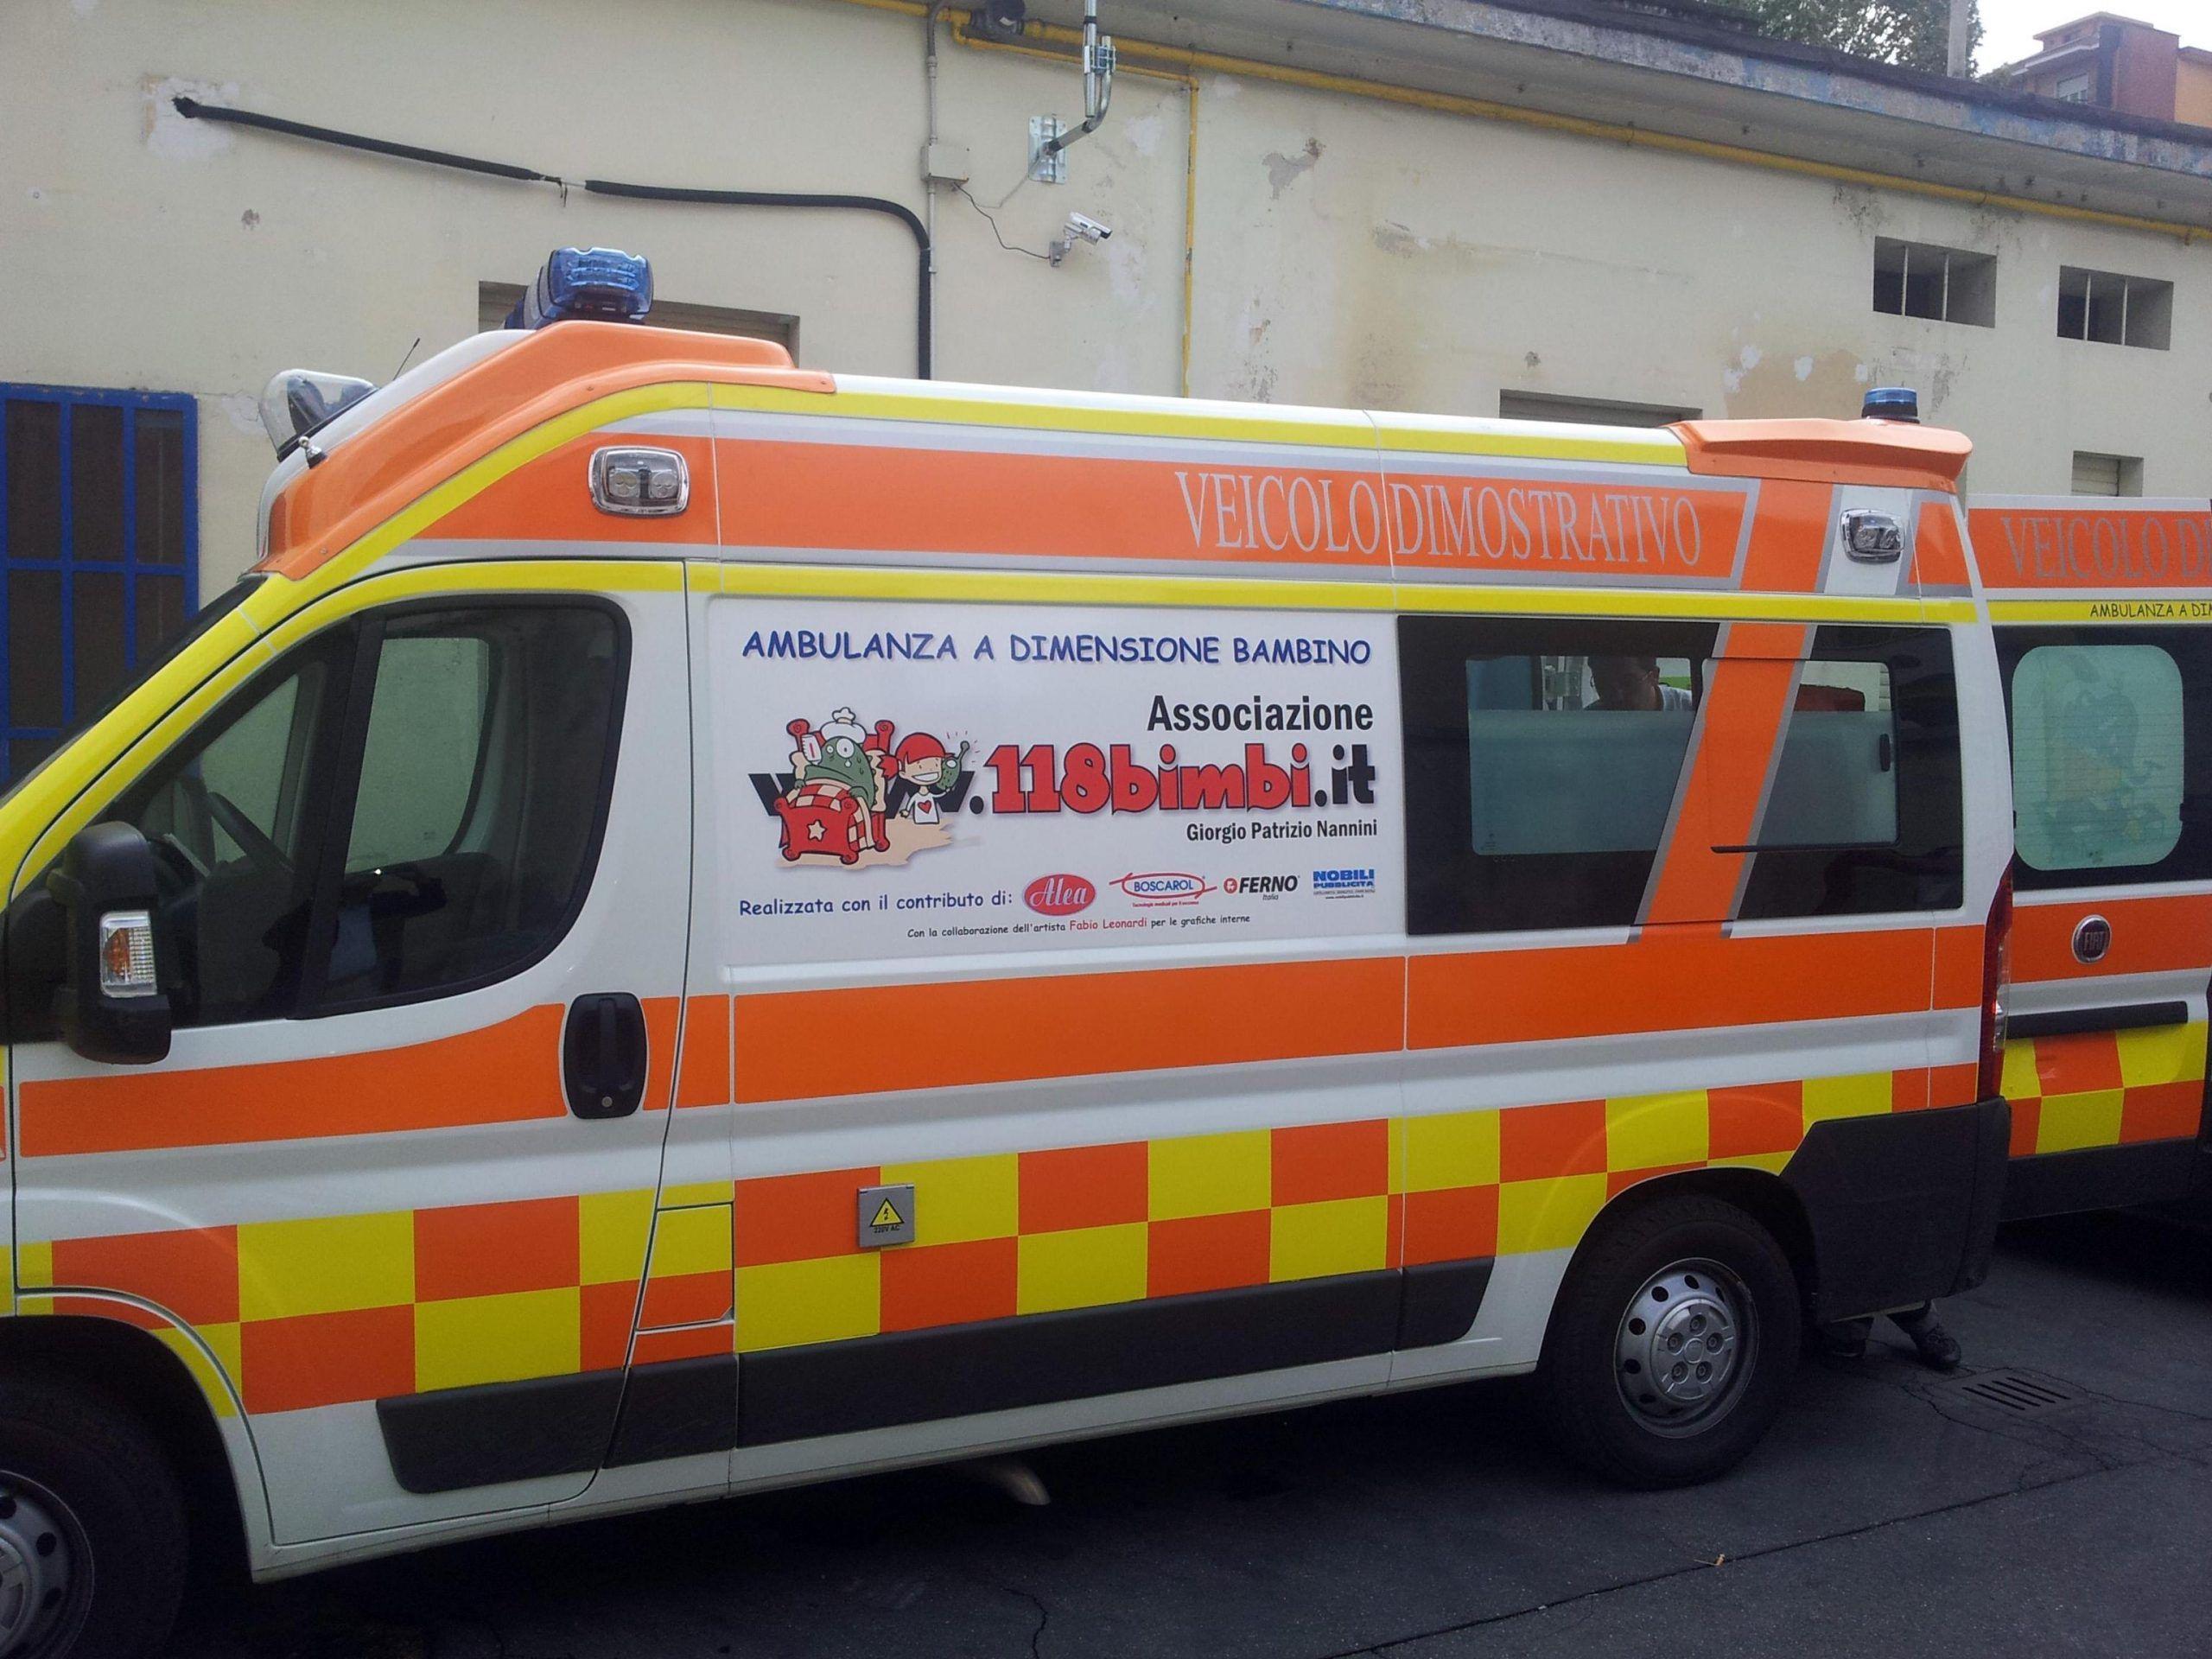 Nasce l'ambulanza a dimensione bambino